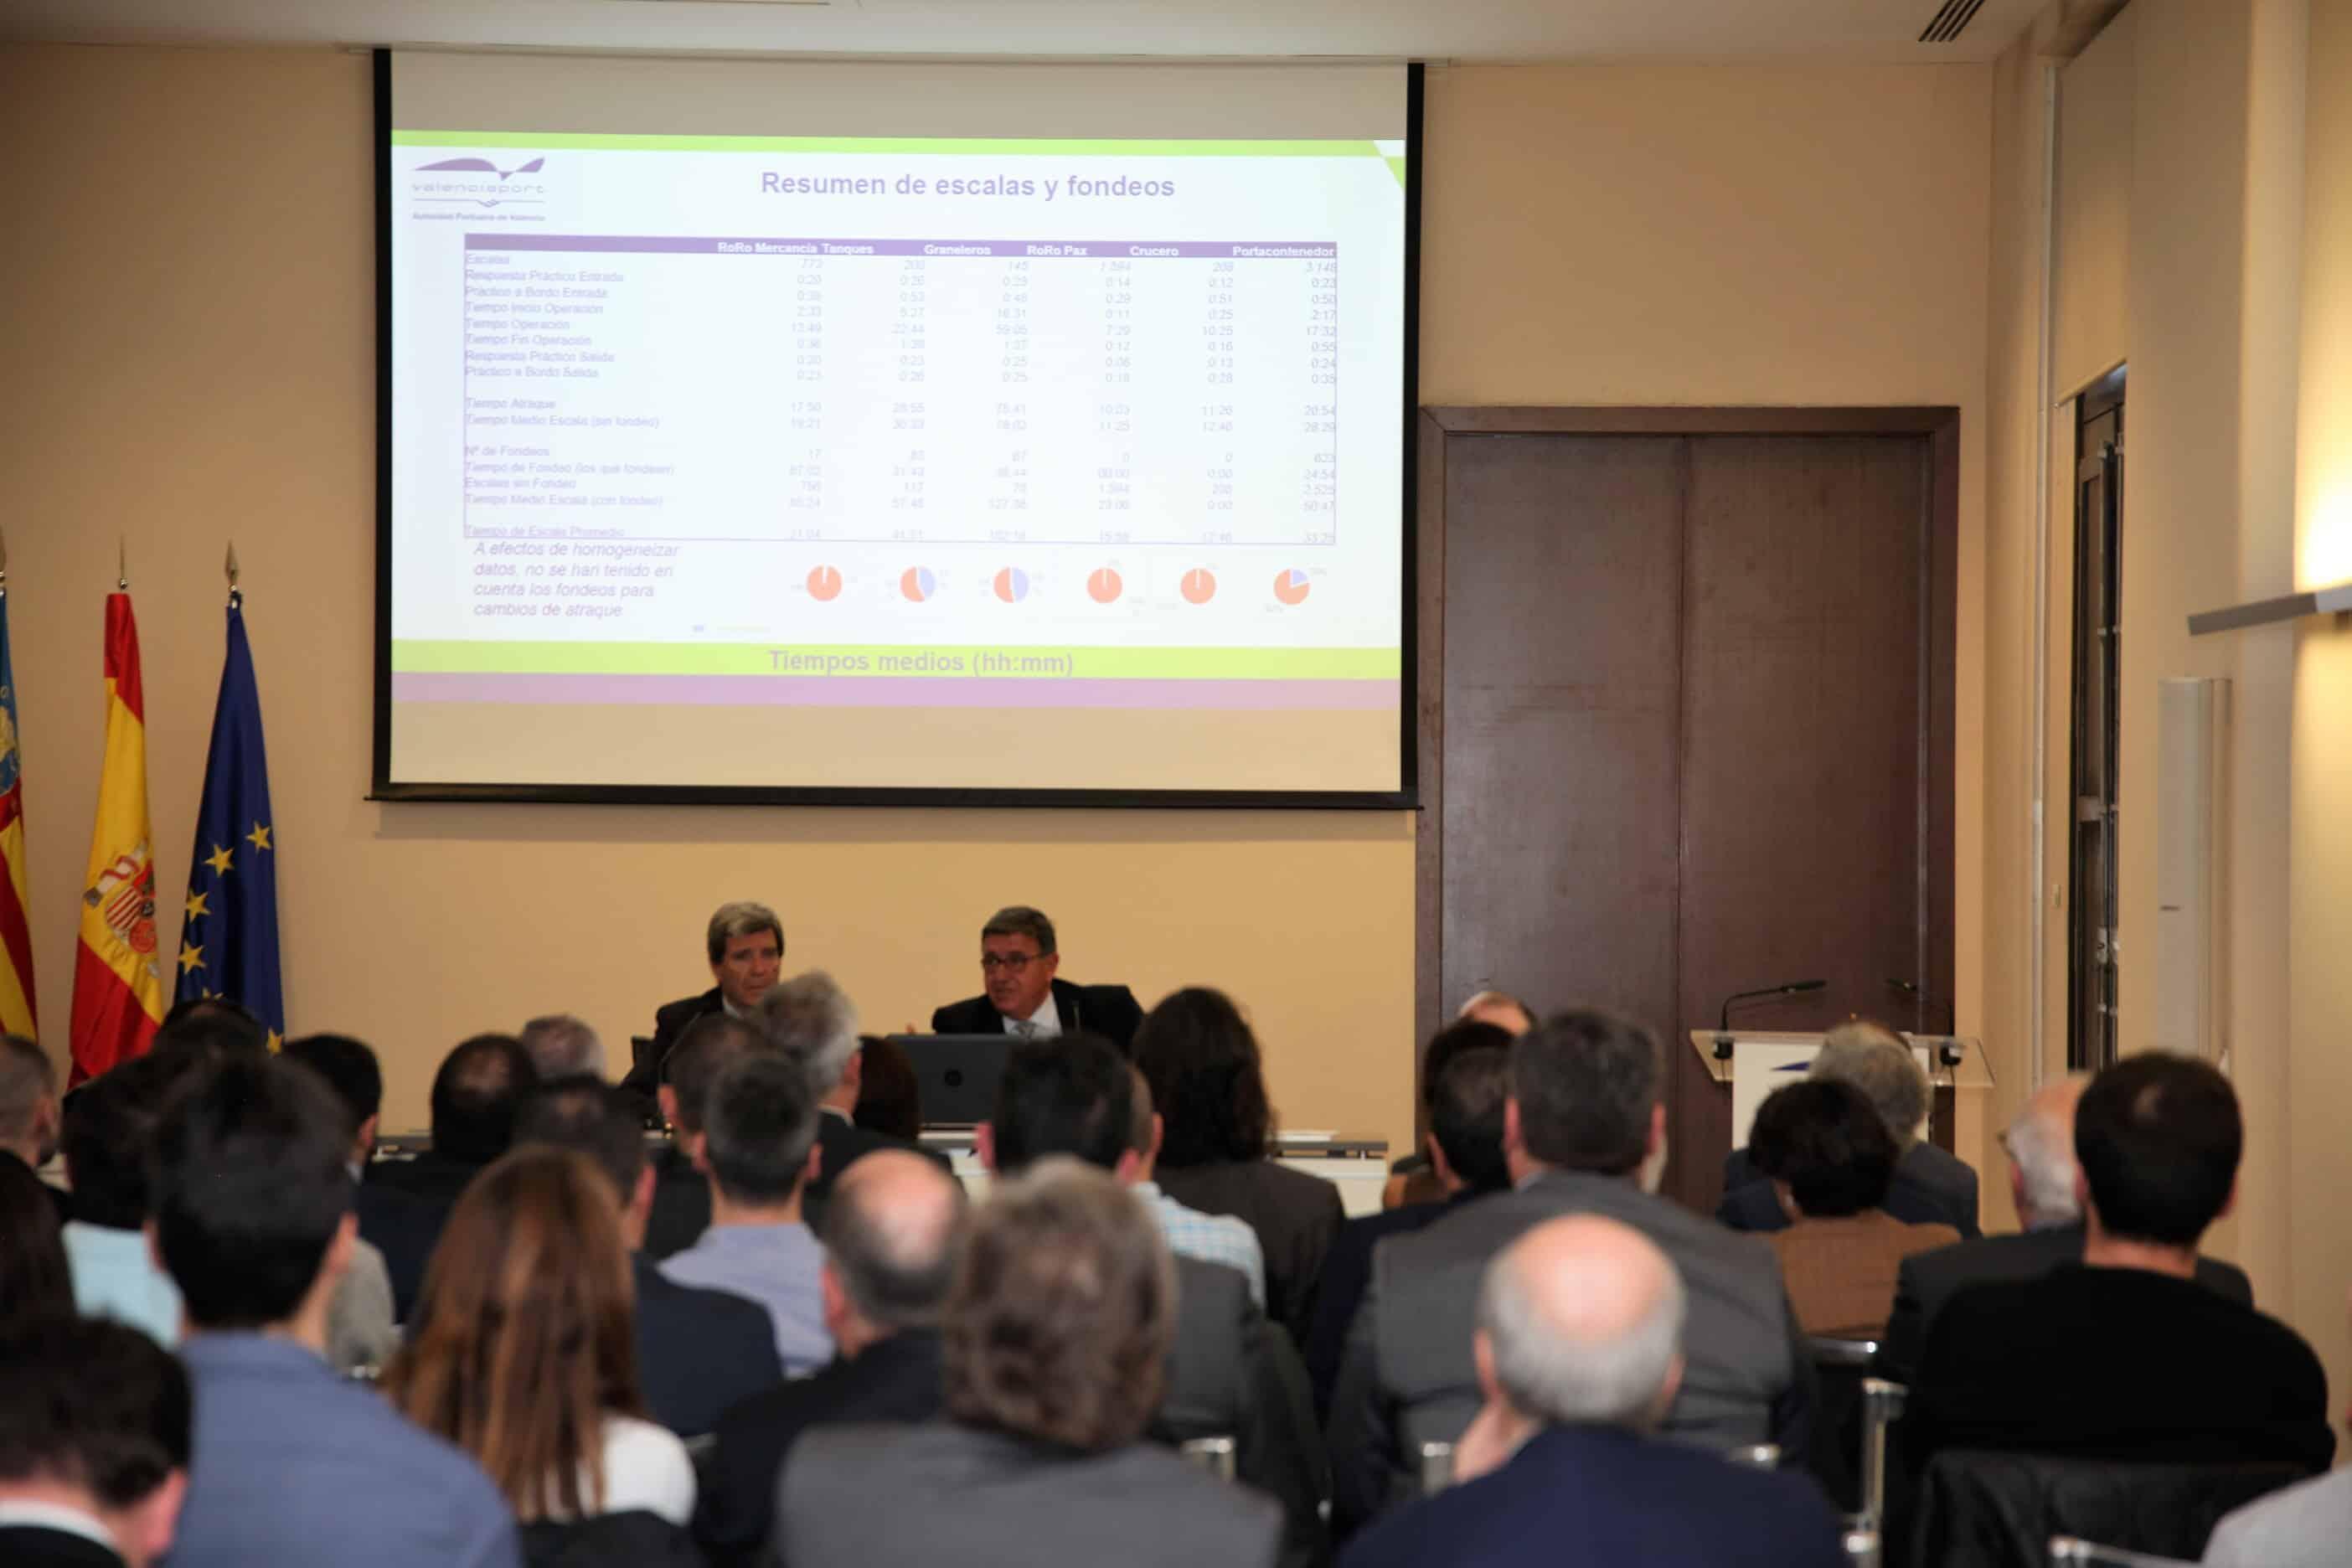 Valenciaport se convierte en el puerto más transparente del mundo con su herramienta de seguimiento de tiempos de escala